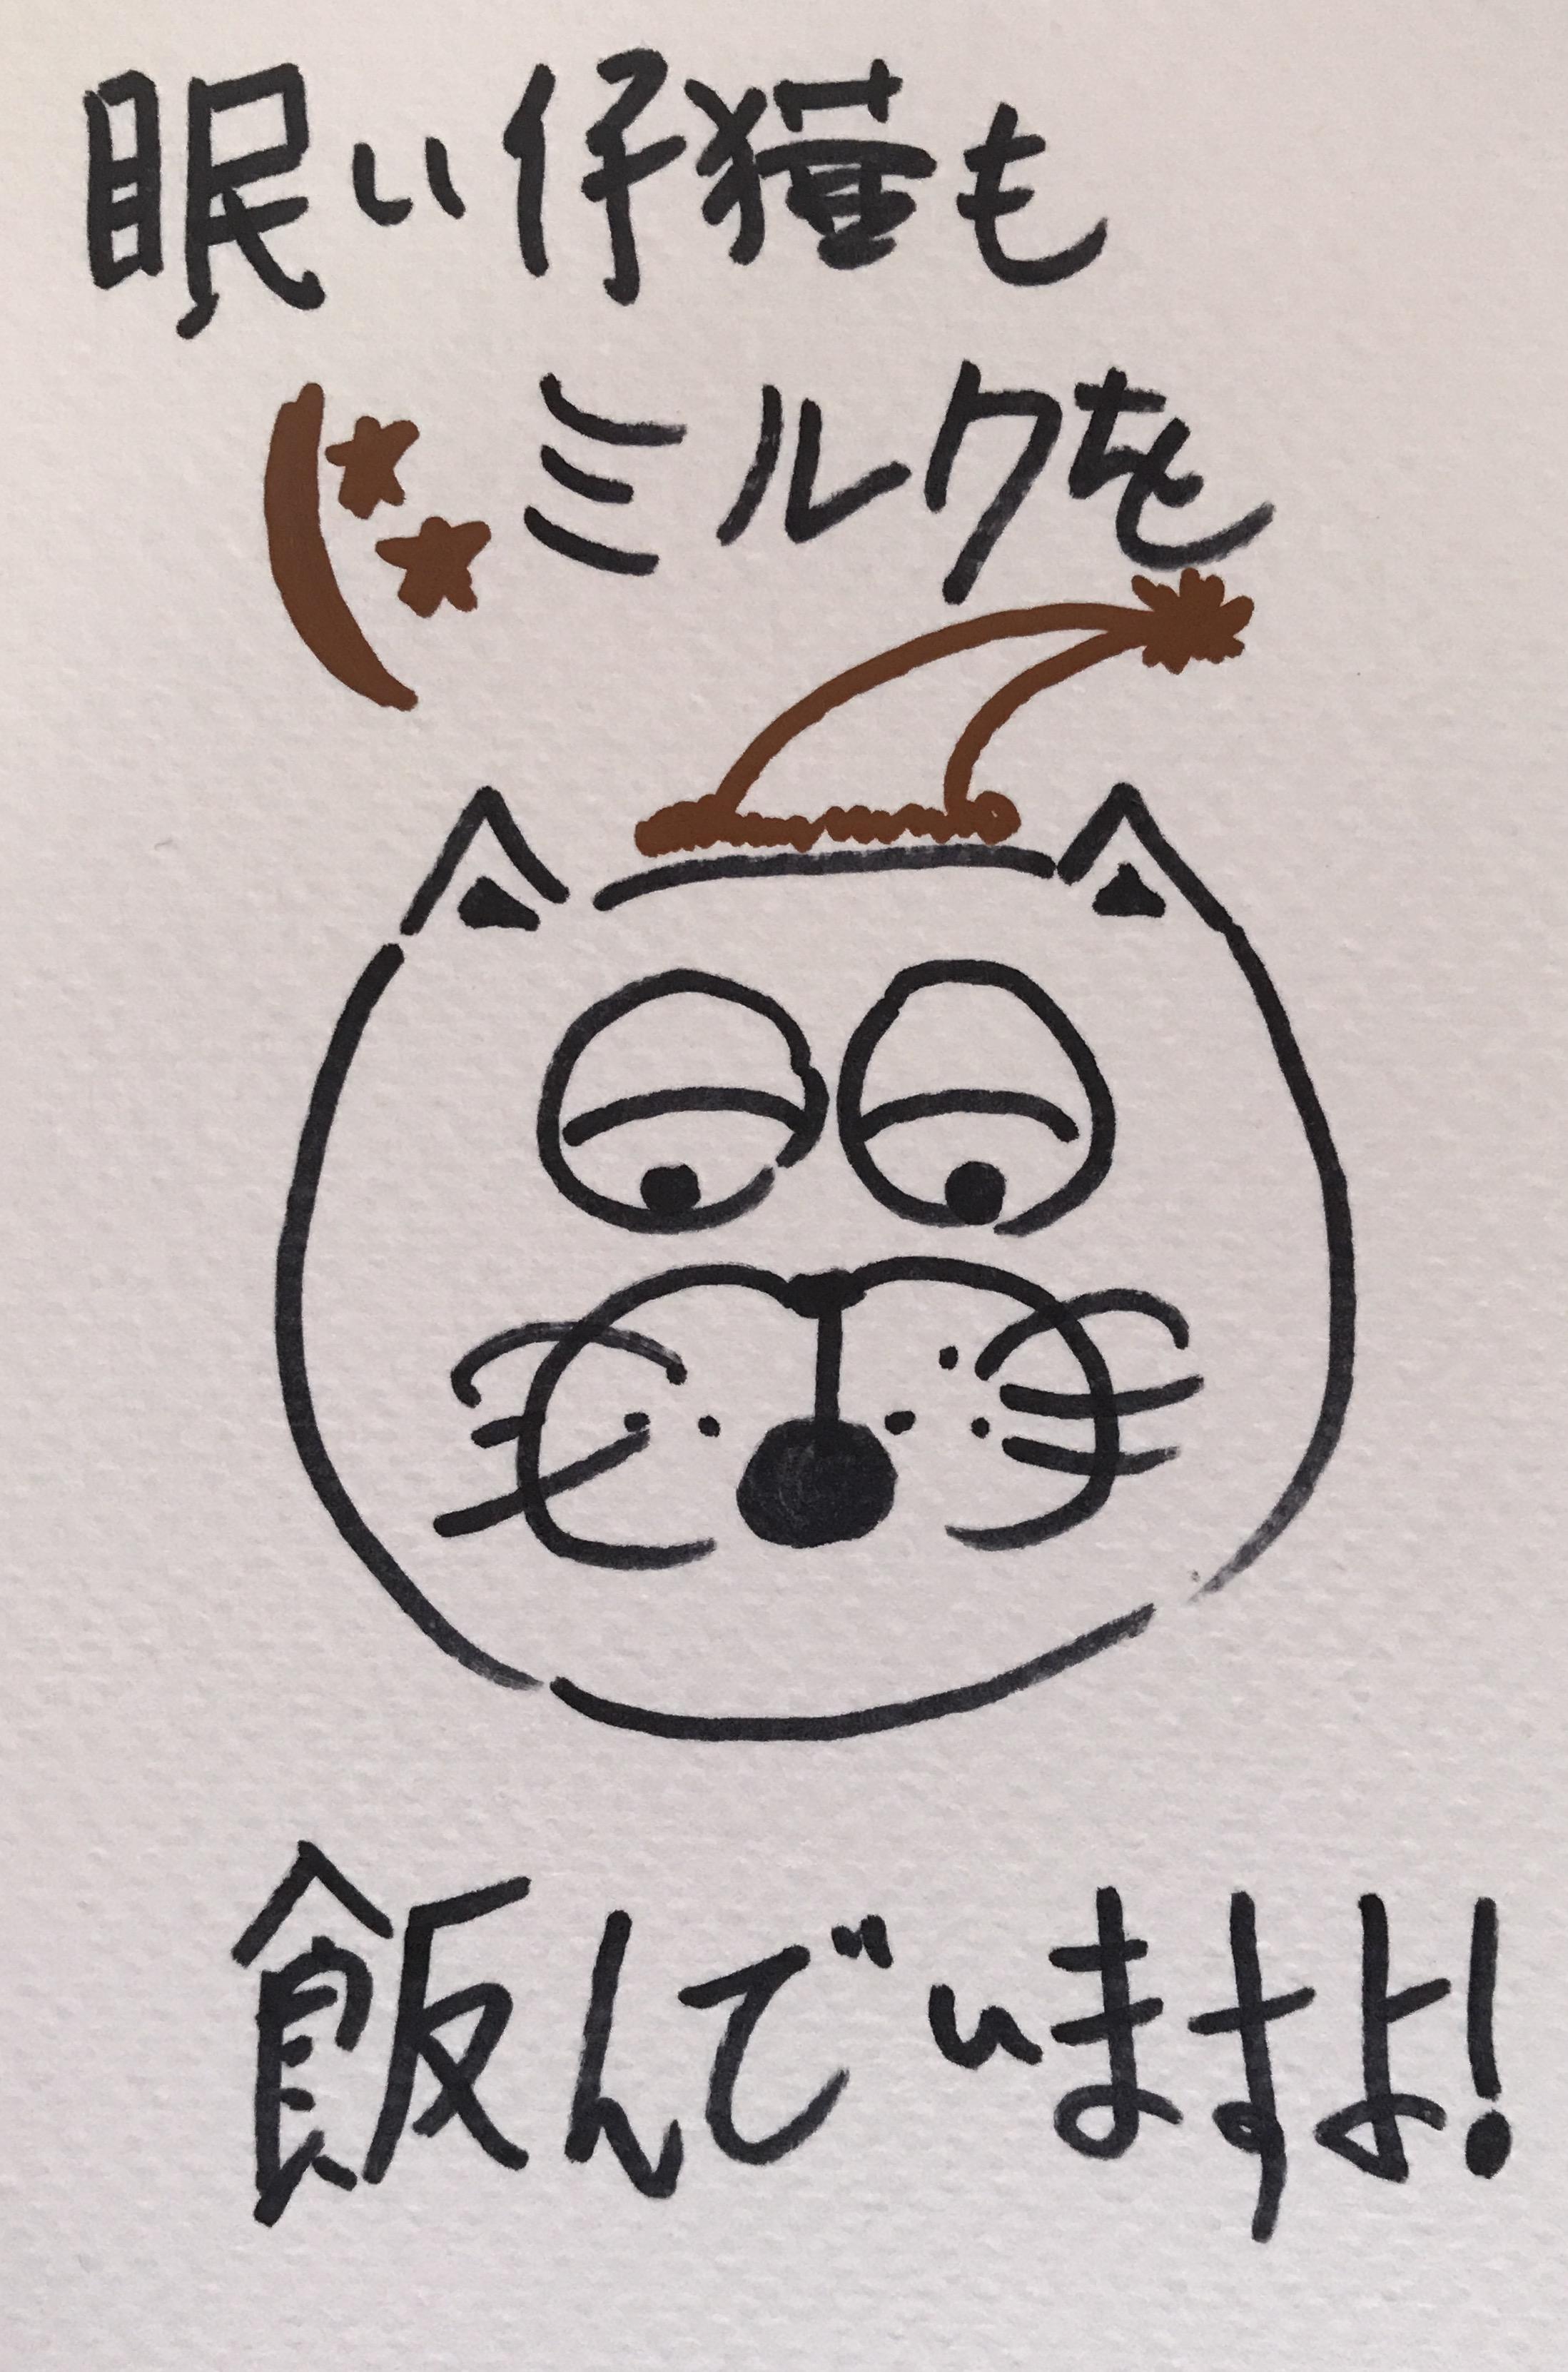 眠い仔猫がミルクを飲むのが大好きです 日本語 日本 描く かわいい コミックス ペン art drawing comic manga cartoon ink kawaii